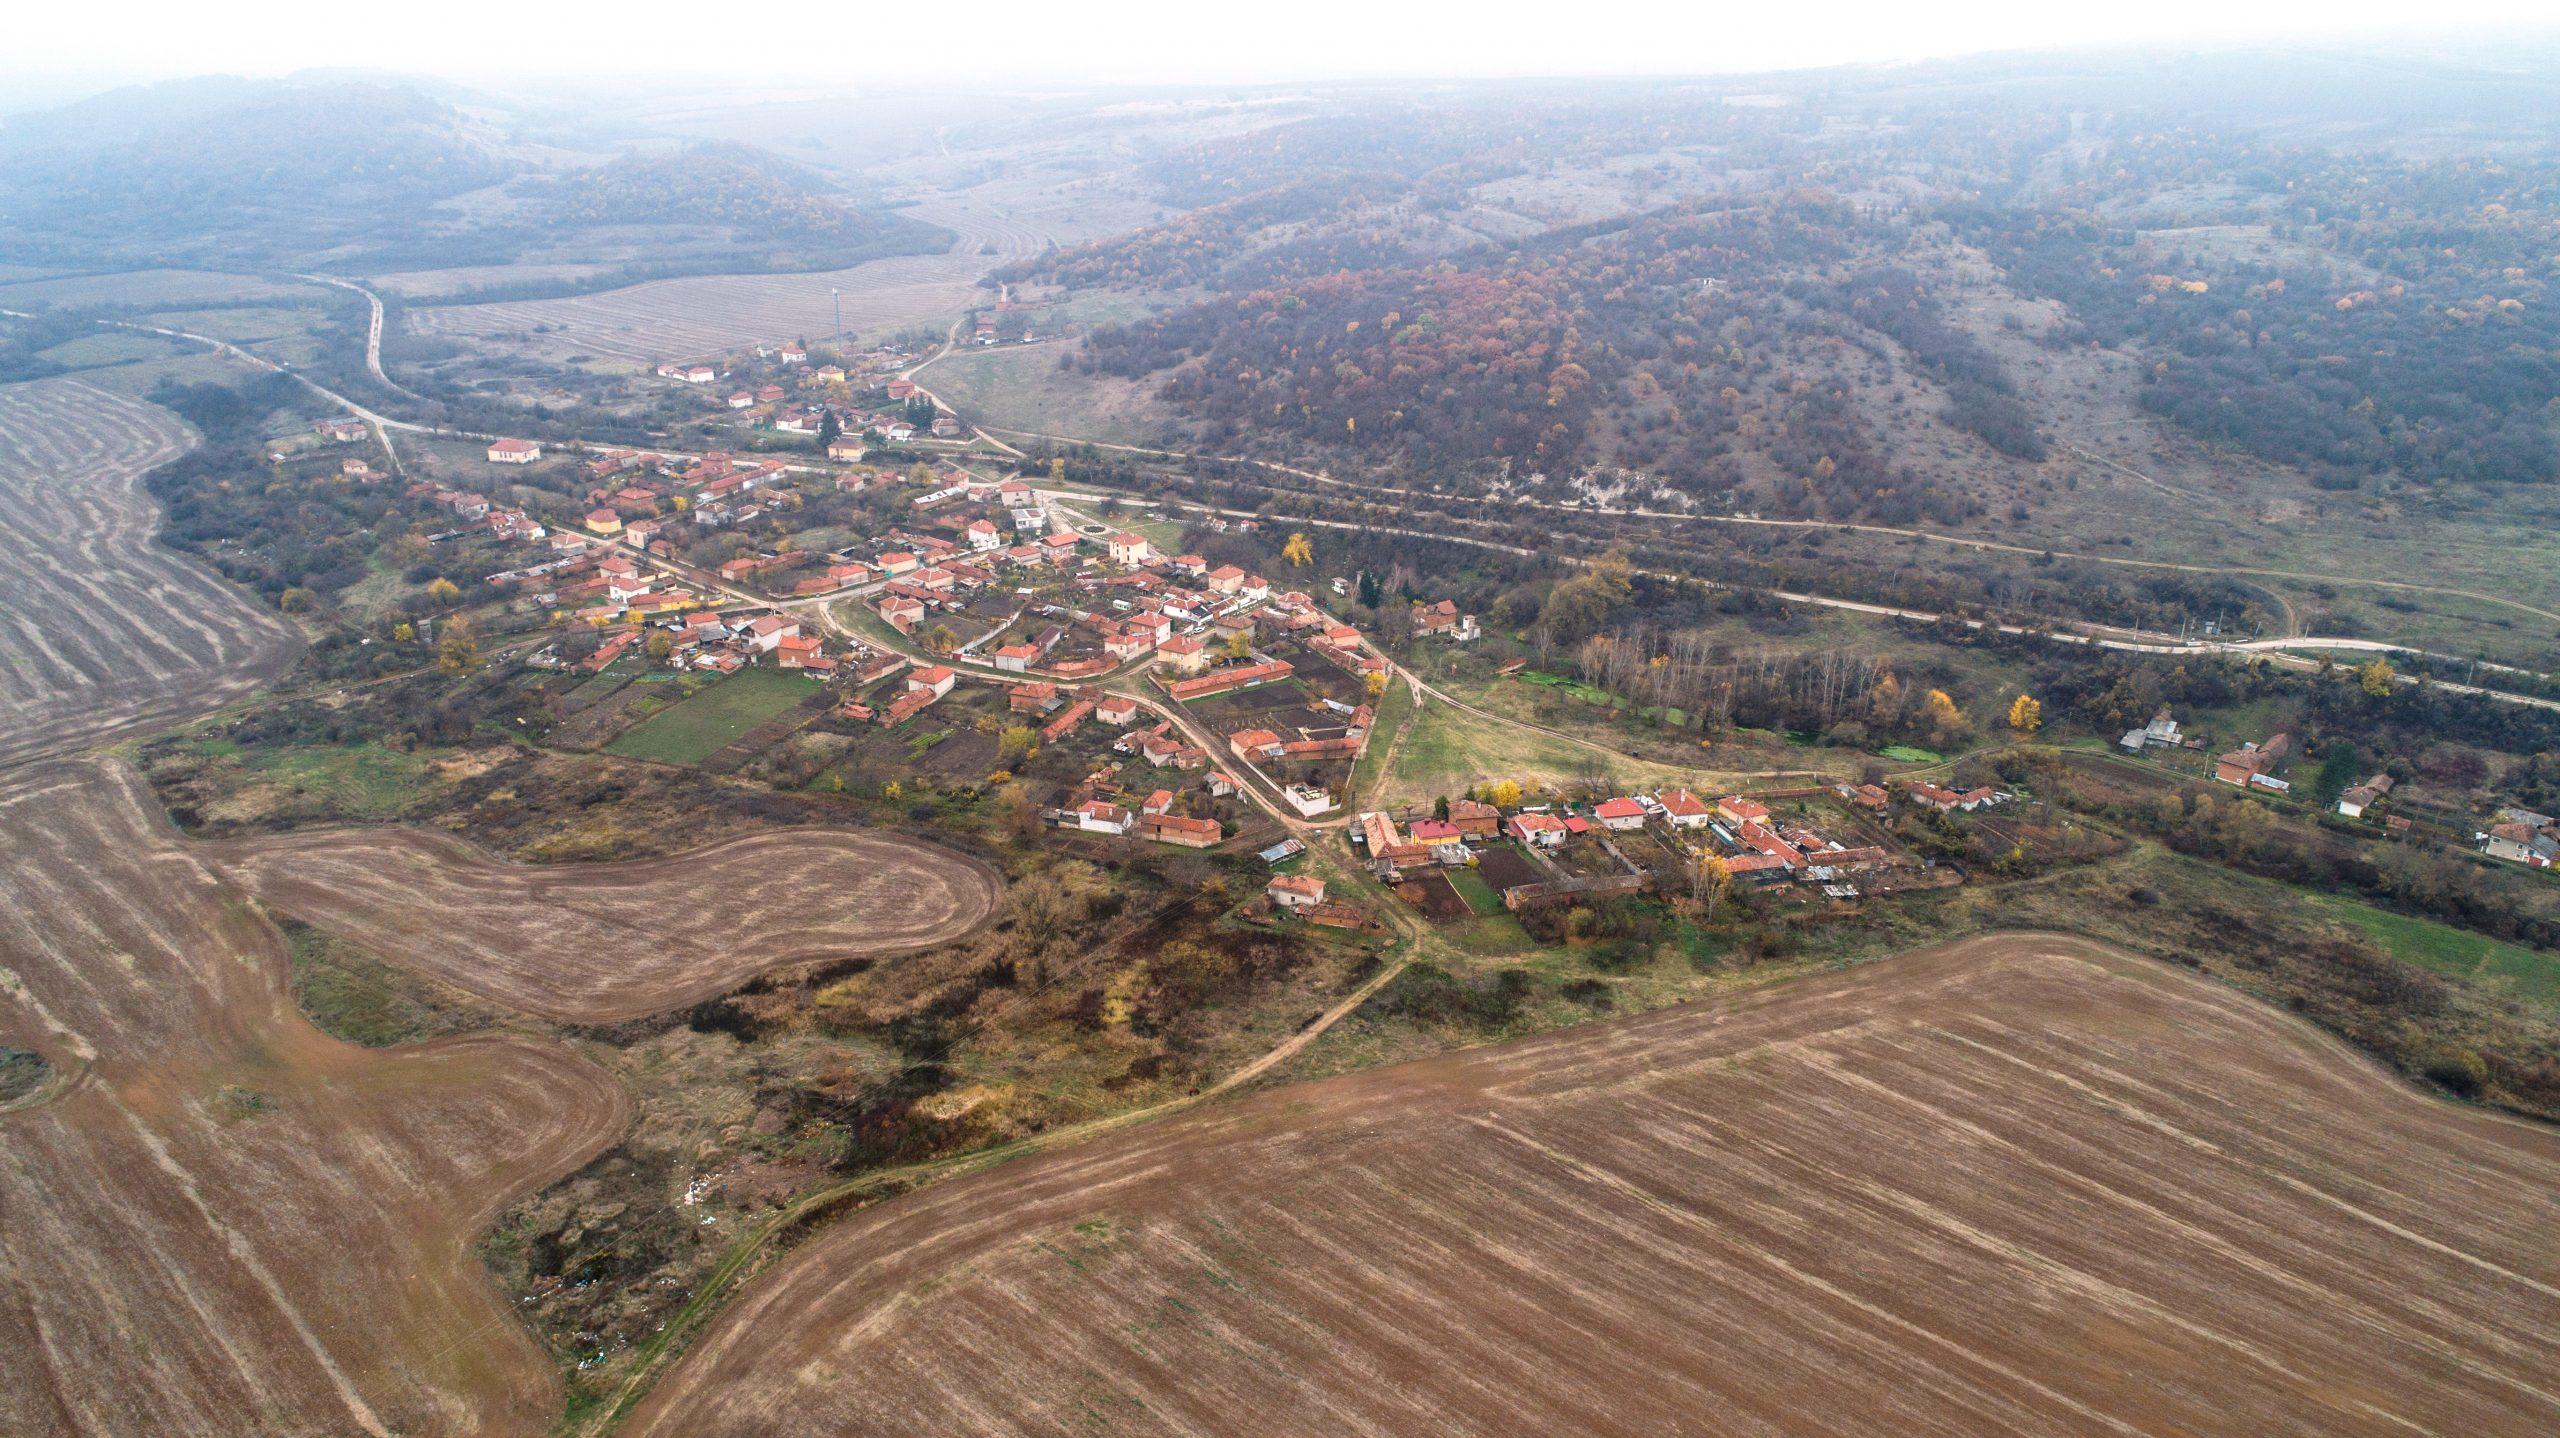 Становище на МОСВ за ДОВОС за кариера в землищата на Палилула и Охрид от 13.01.11